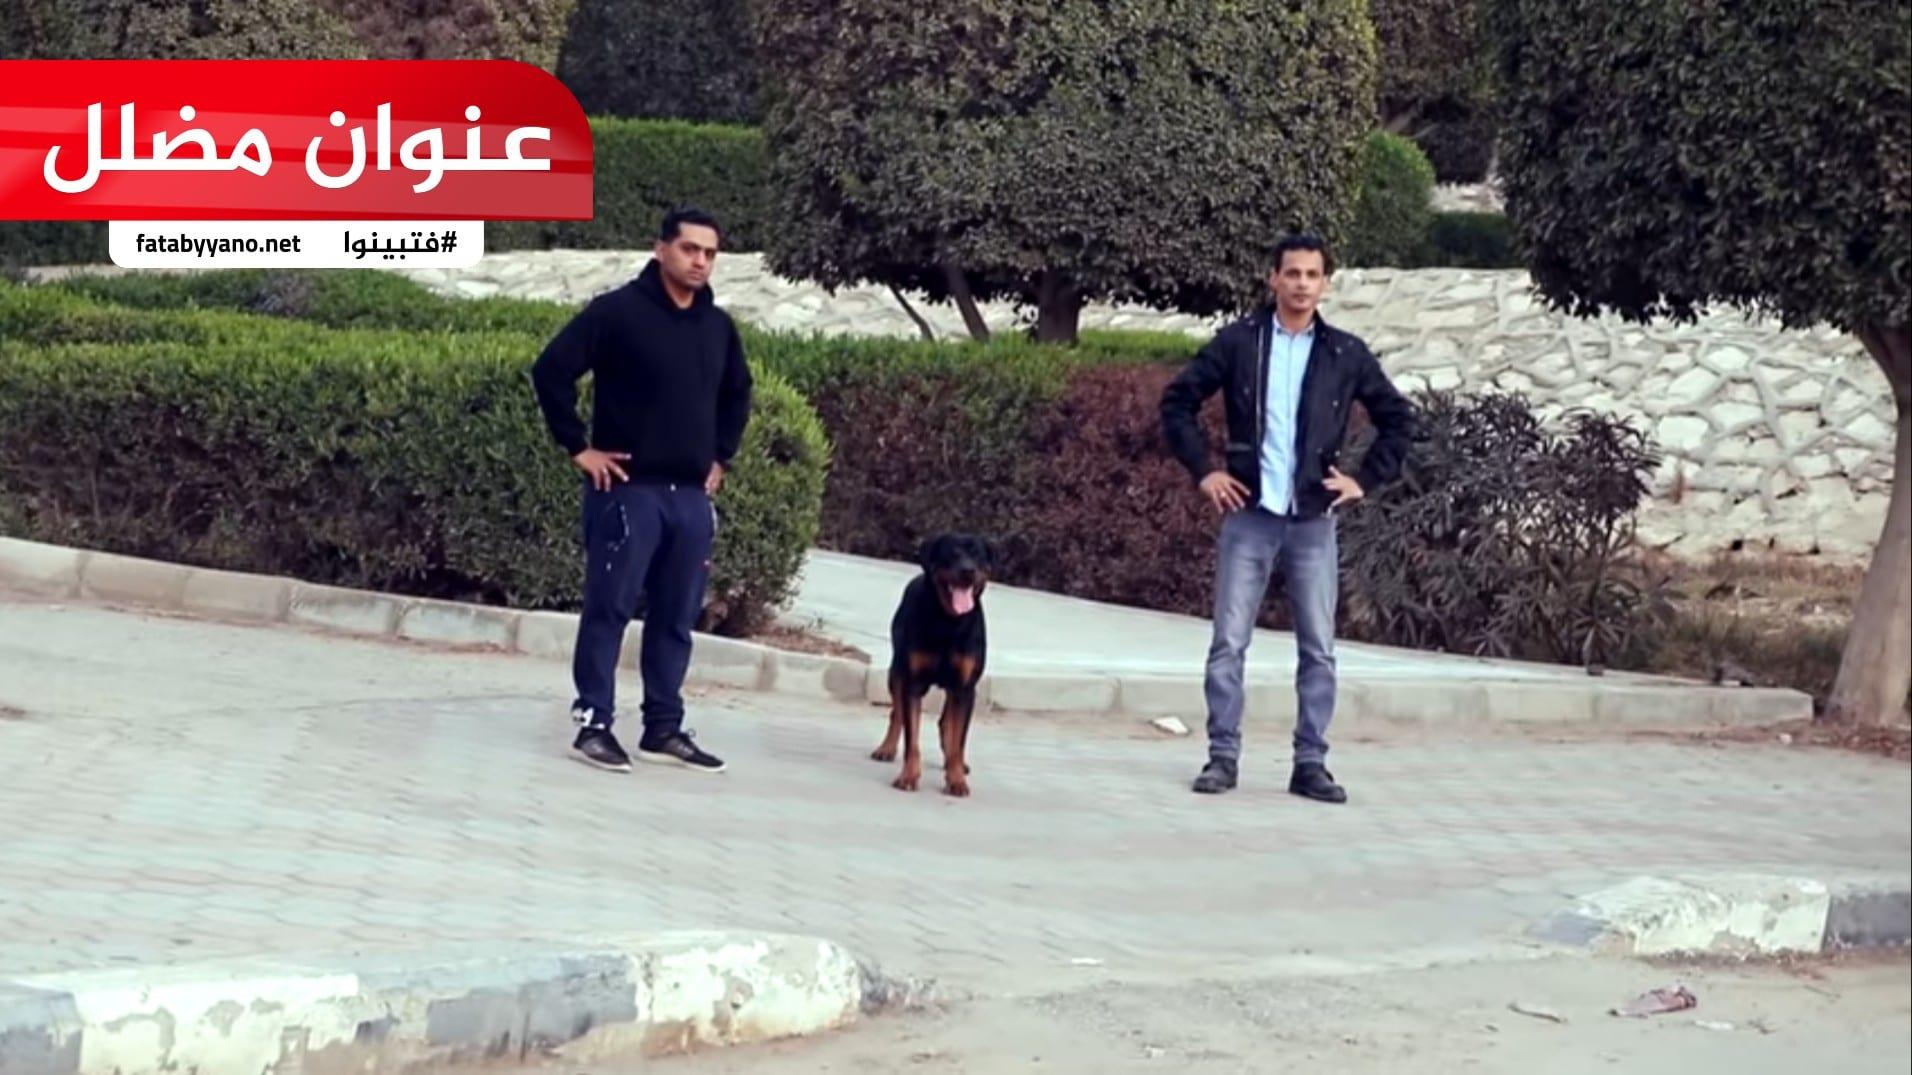 إسرائيلي يطلق كلبه على فلسطيني يصلي مع ابنه في الشارع